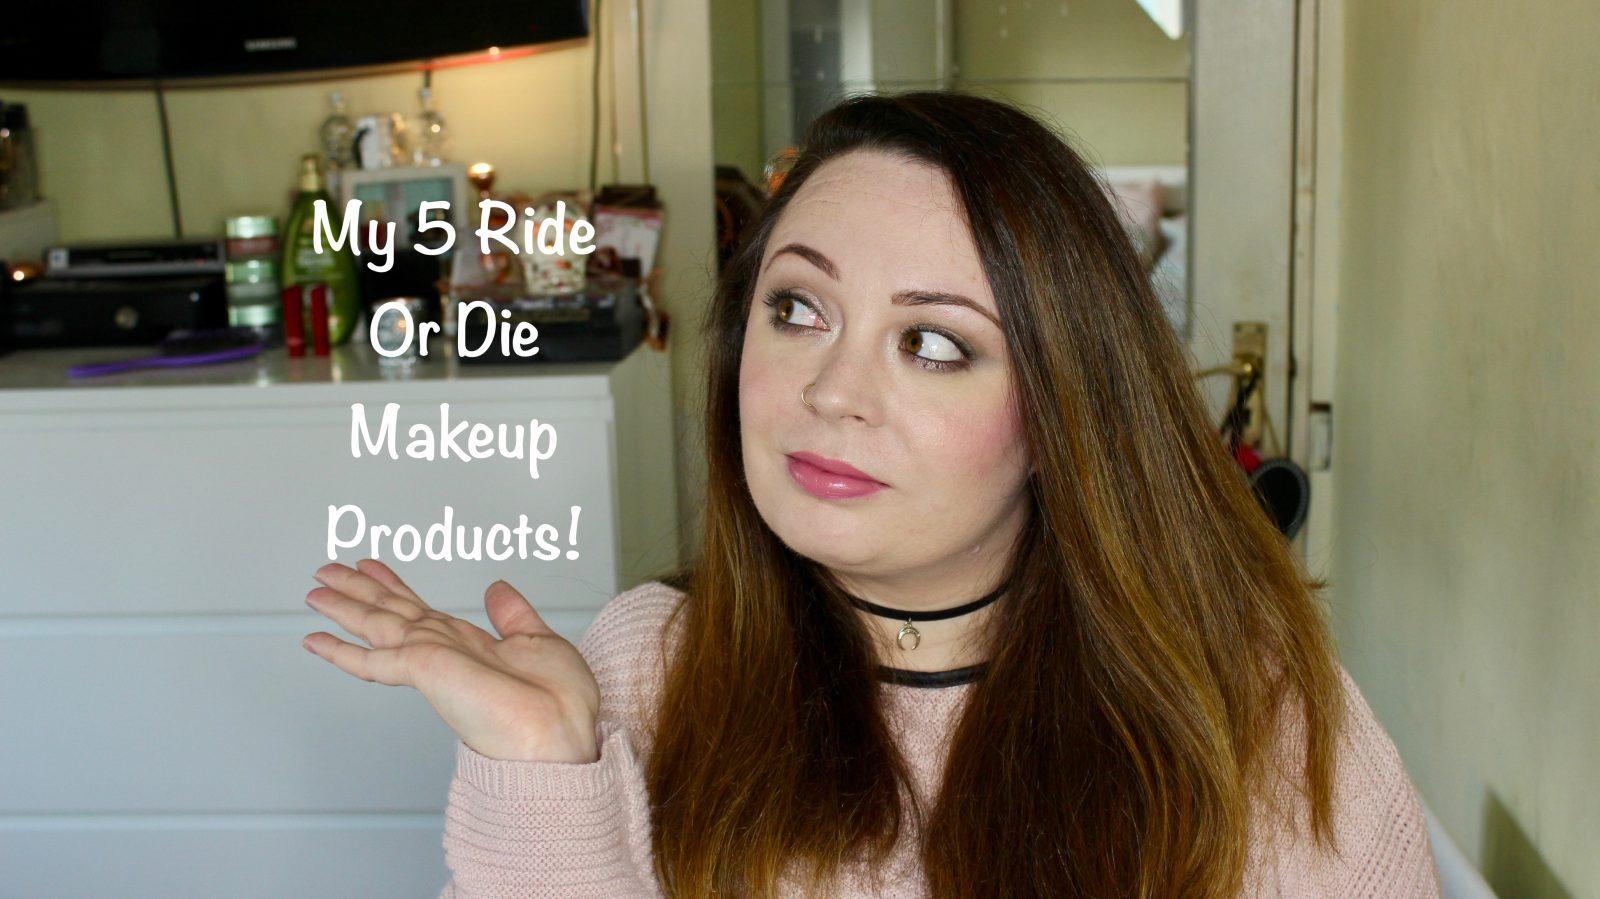 ride or die makeup products